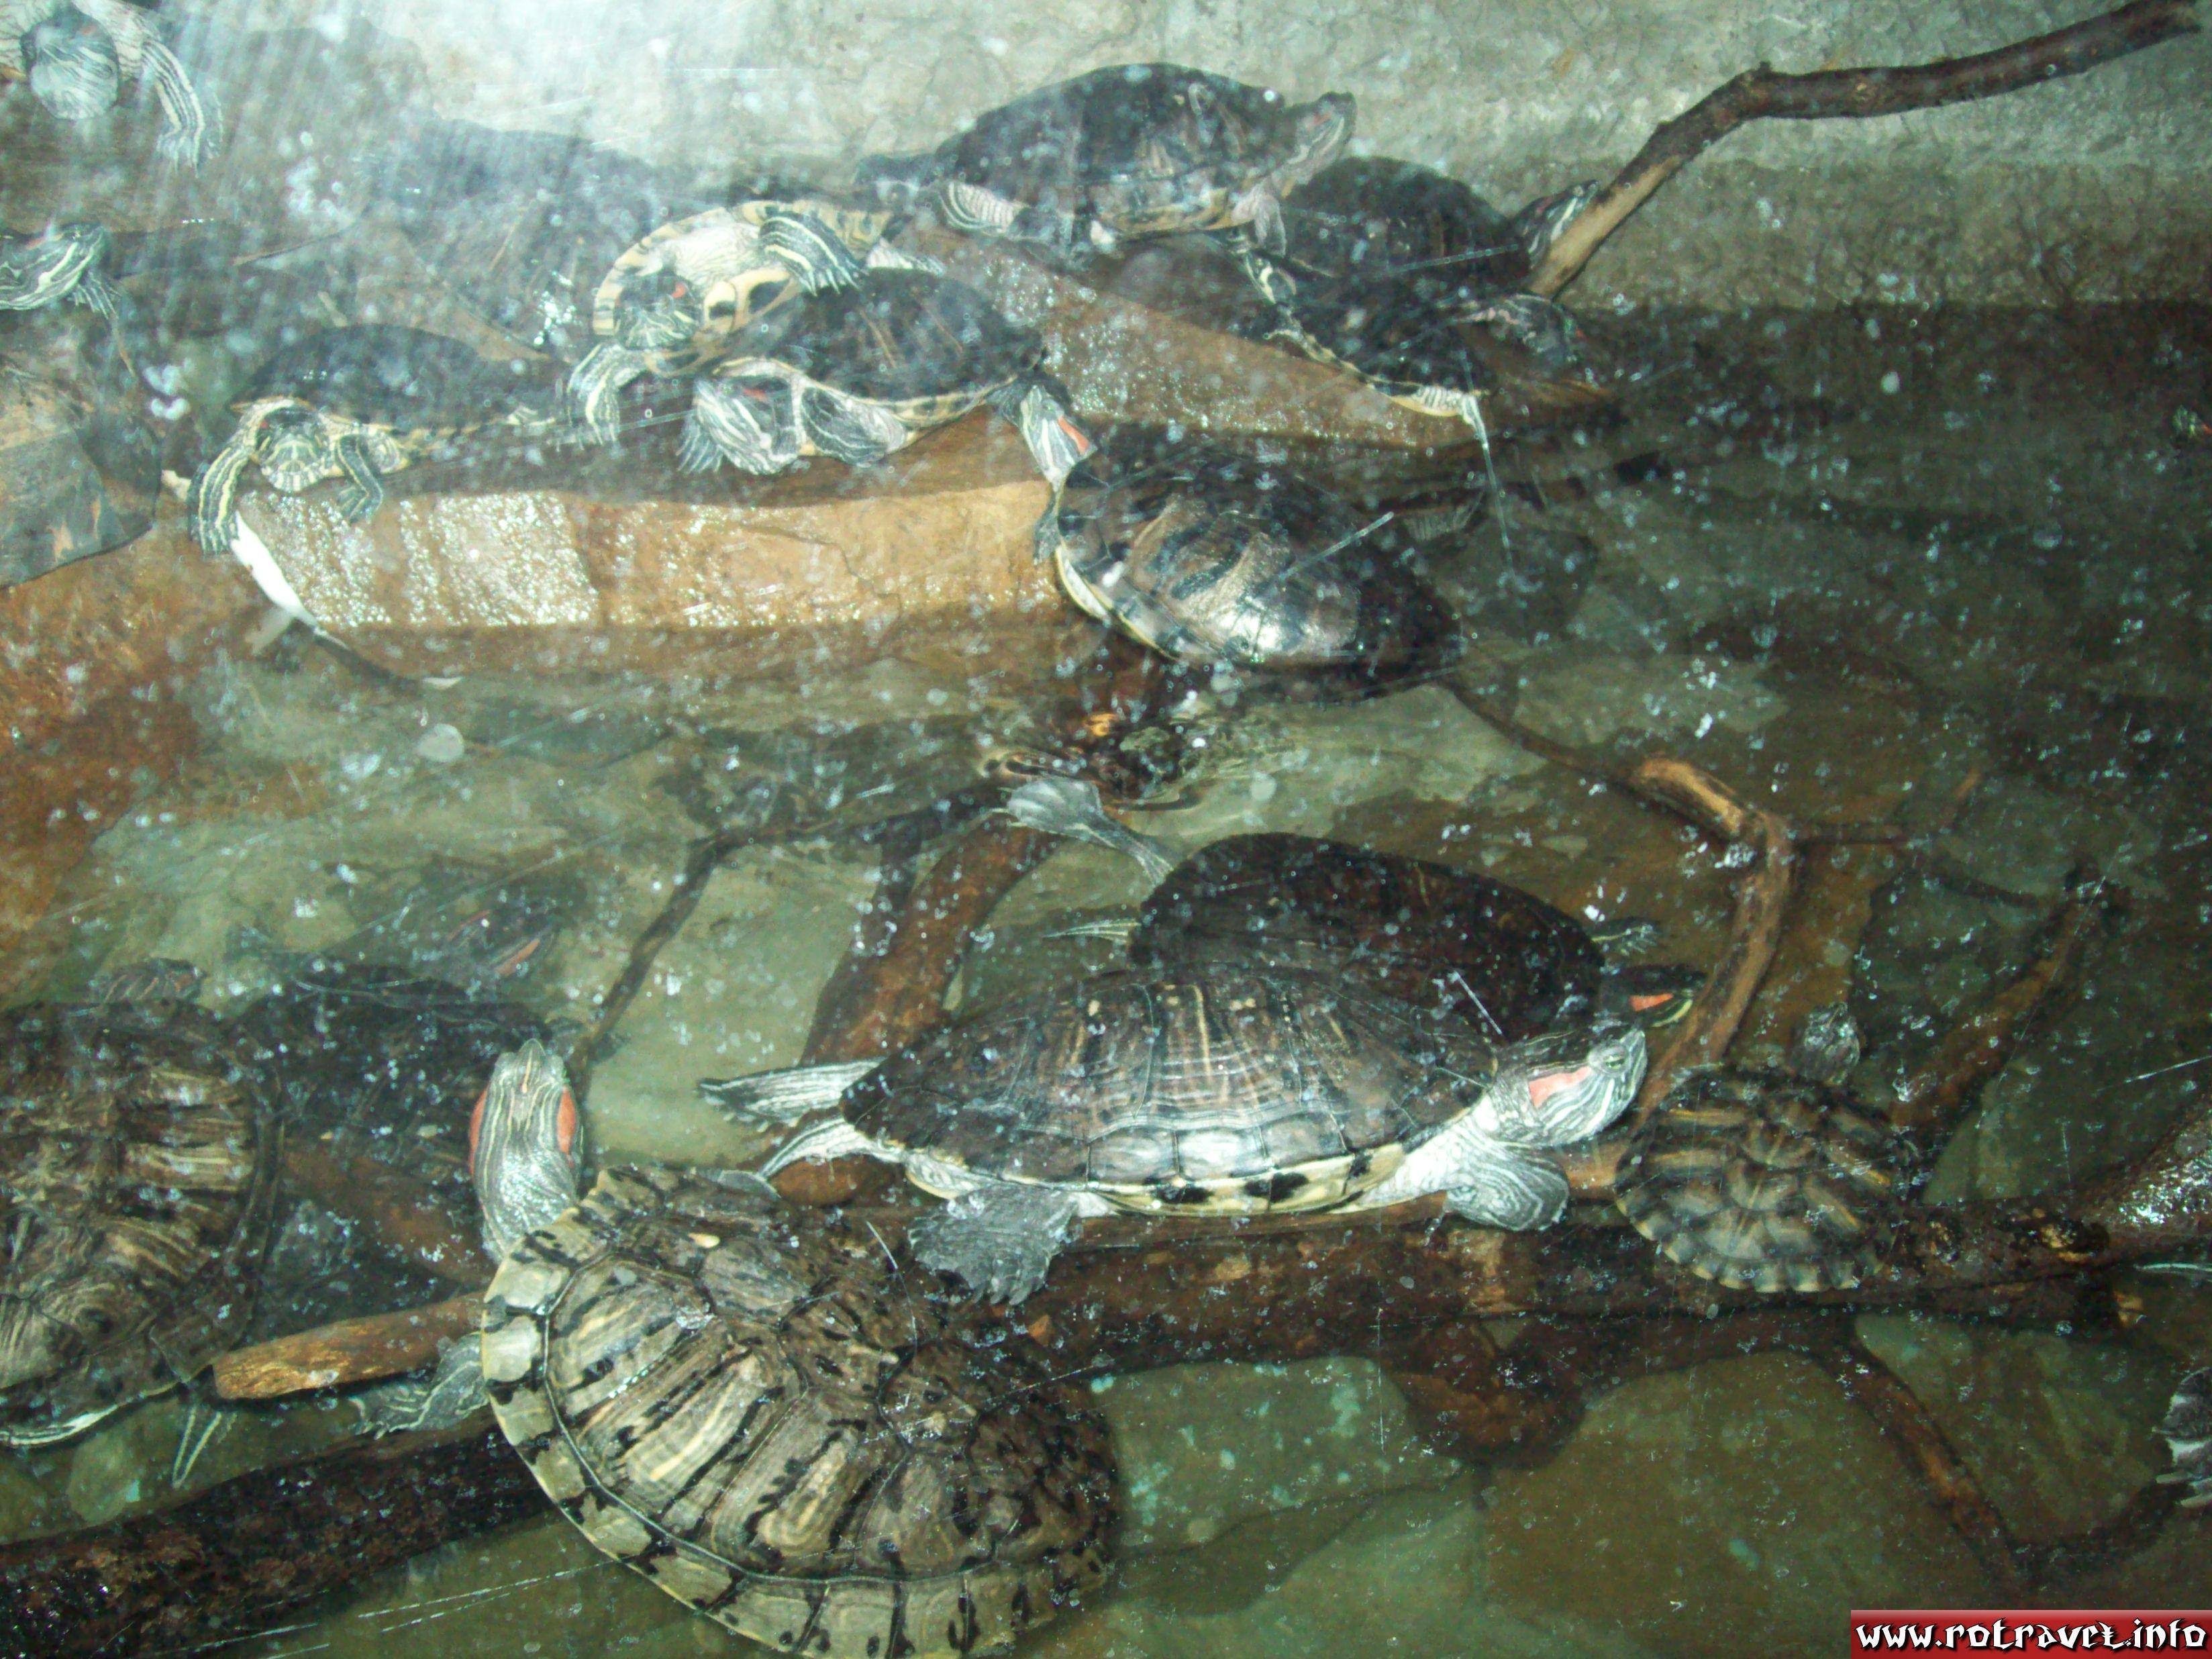 Turtle (Testudines)